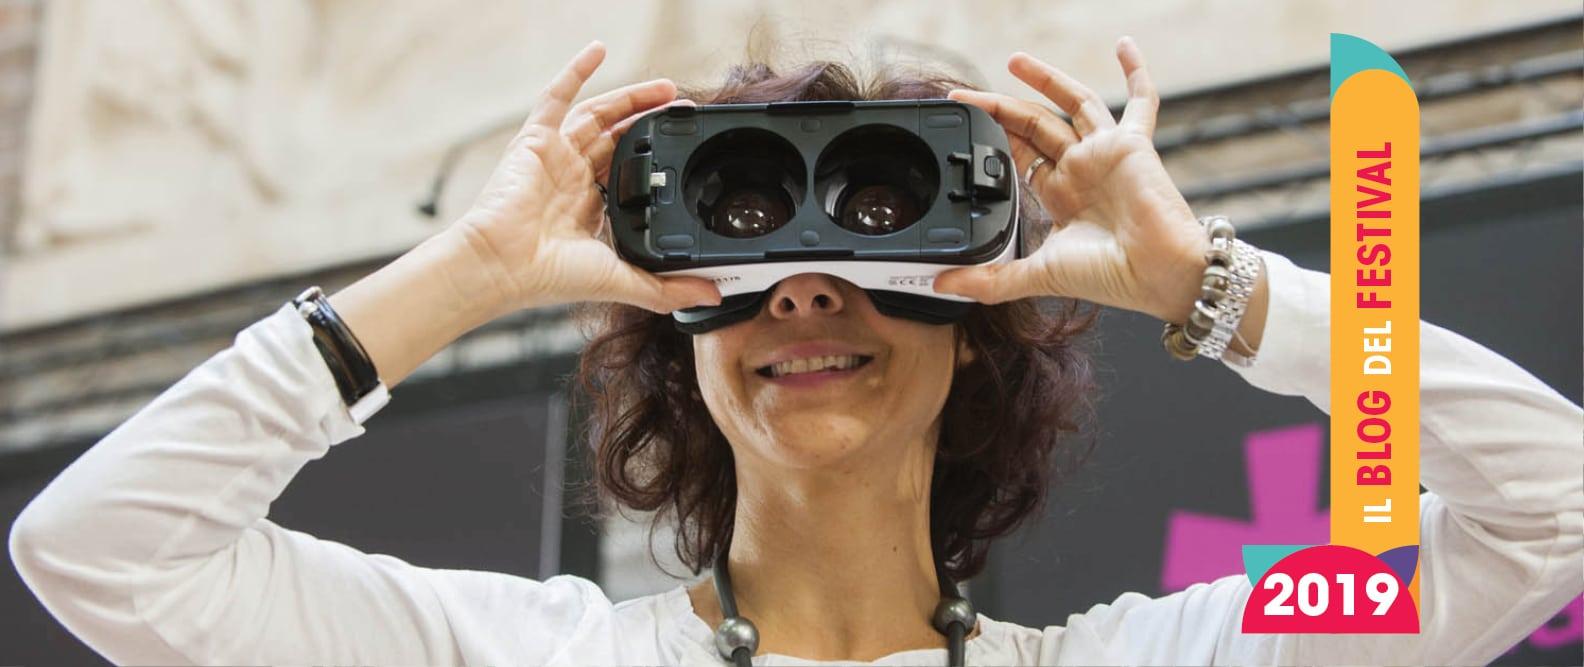 Bologna diventa la città del futuro con AFTER futuri digitali 2019